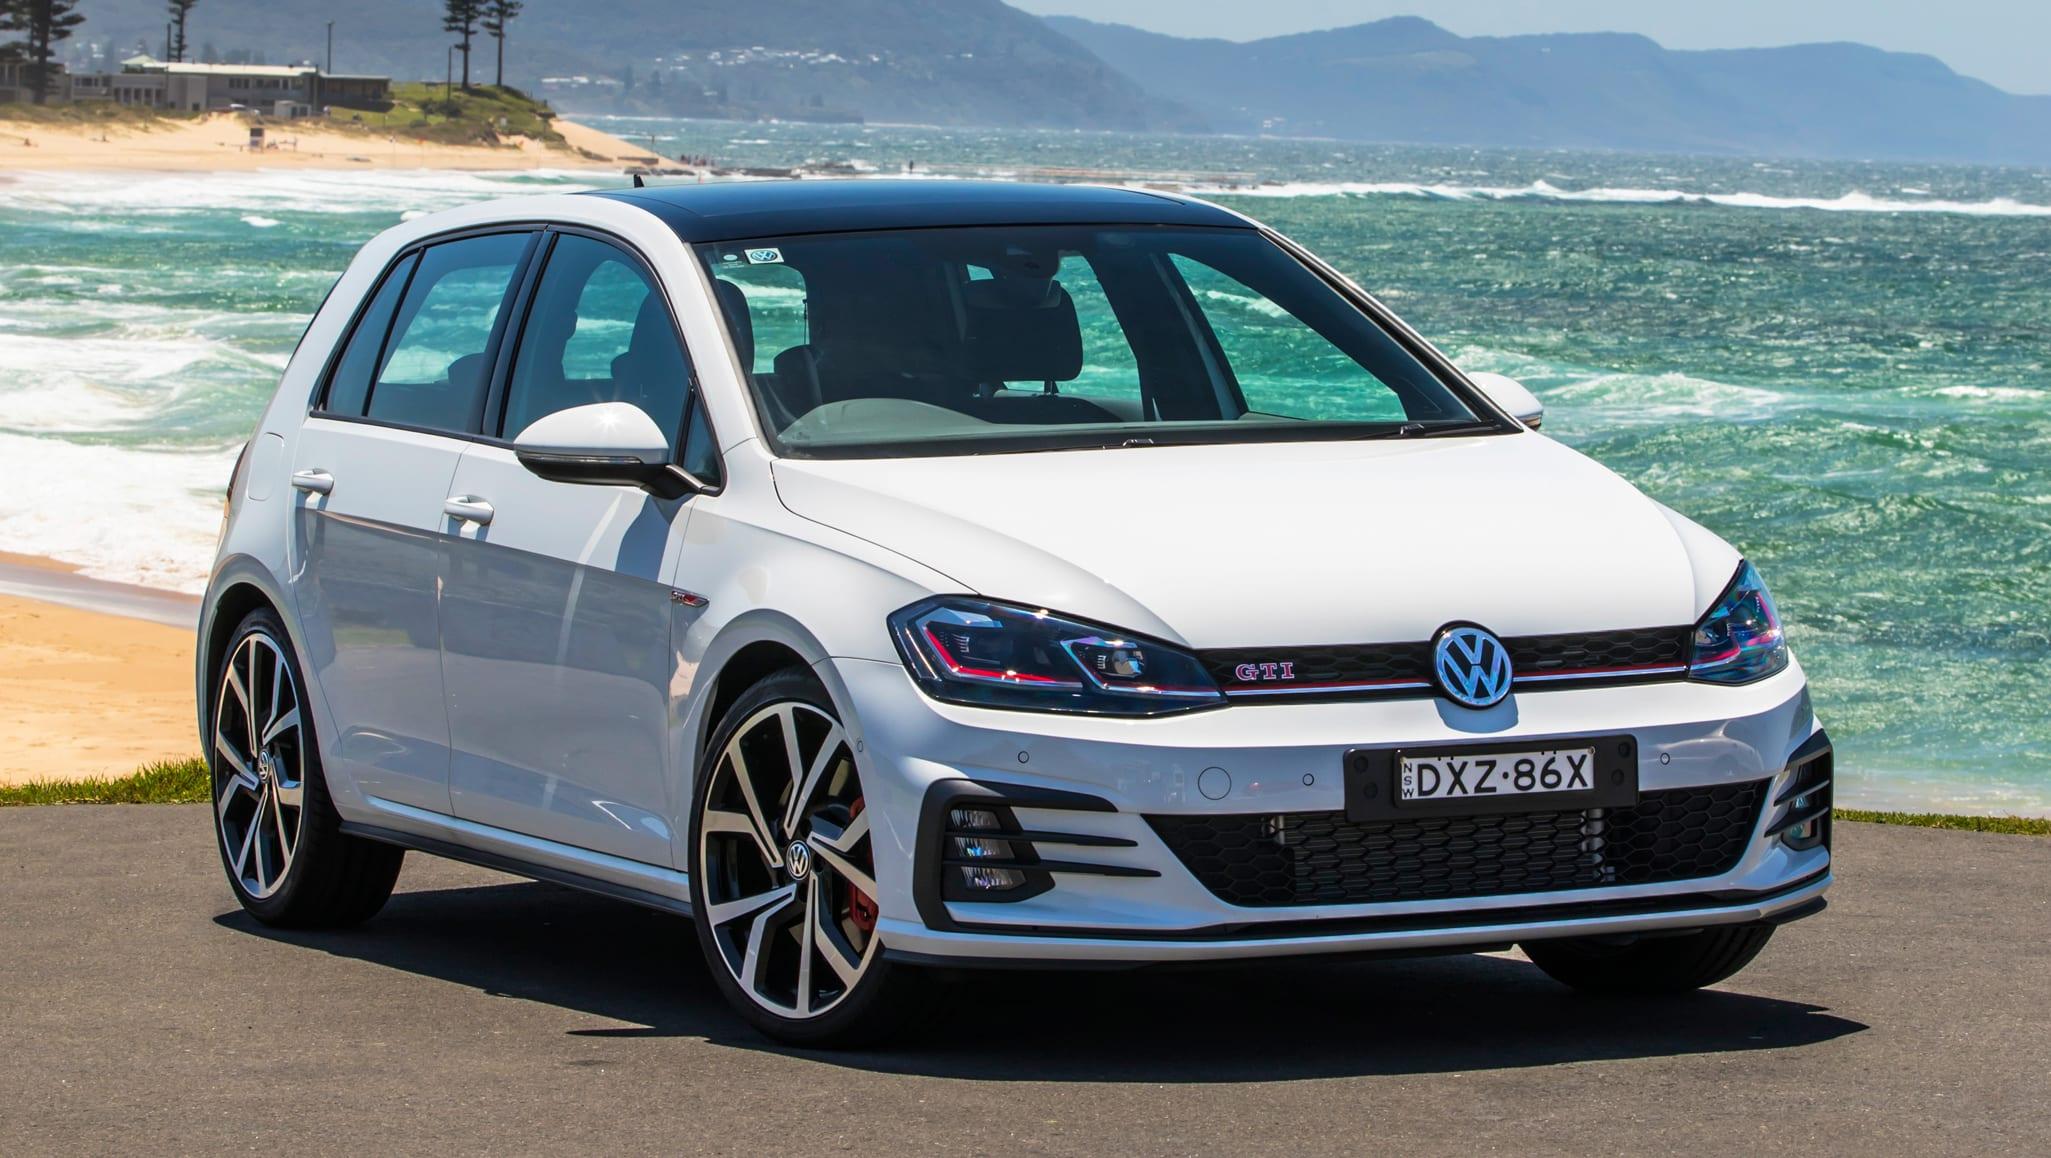 volkswagen golf 2020 pricing and spec confirmed car news. Black Bedroom Furniture Sets. Home Design Ideas